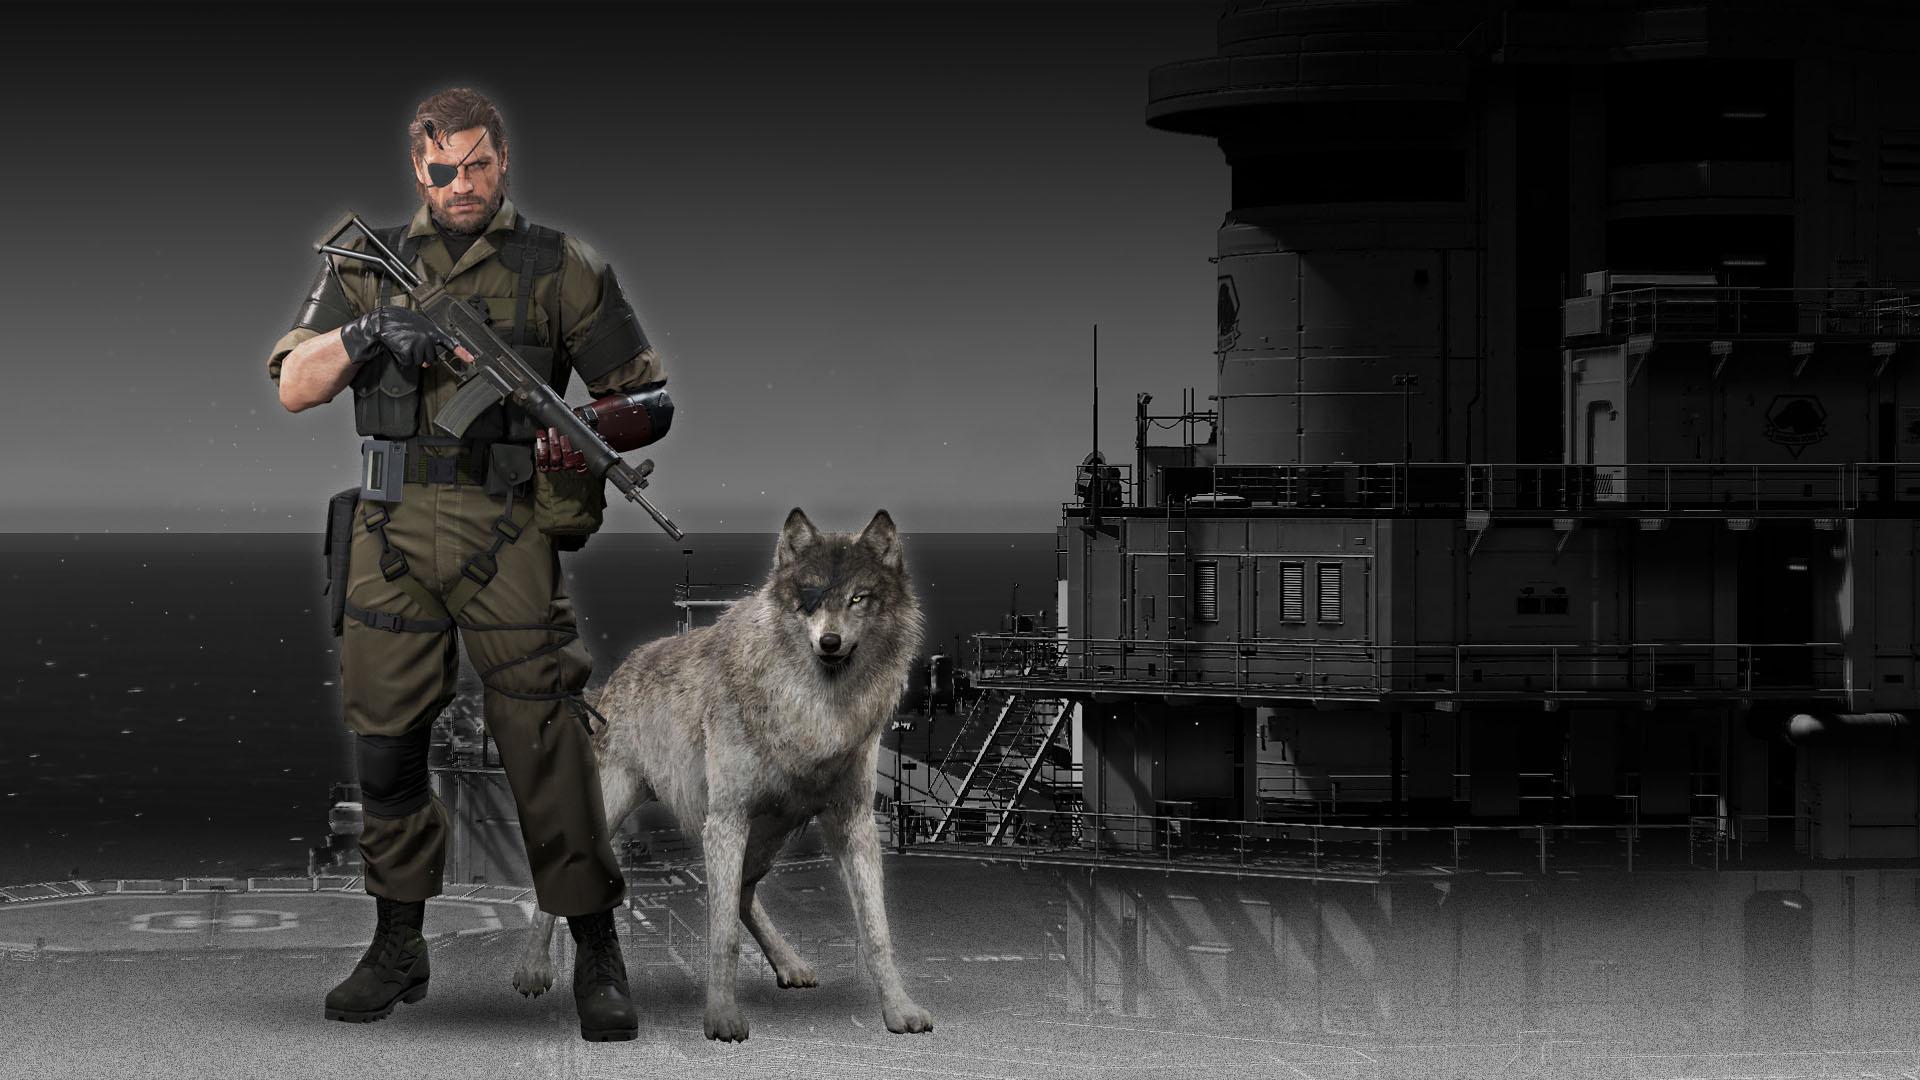 Metal Gear Solid V: The Phantom Pain Desktop wallpaper